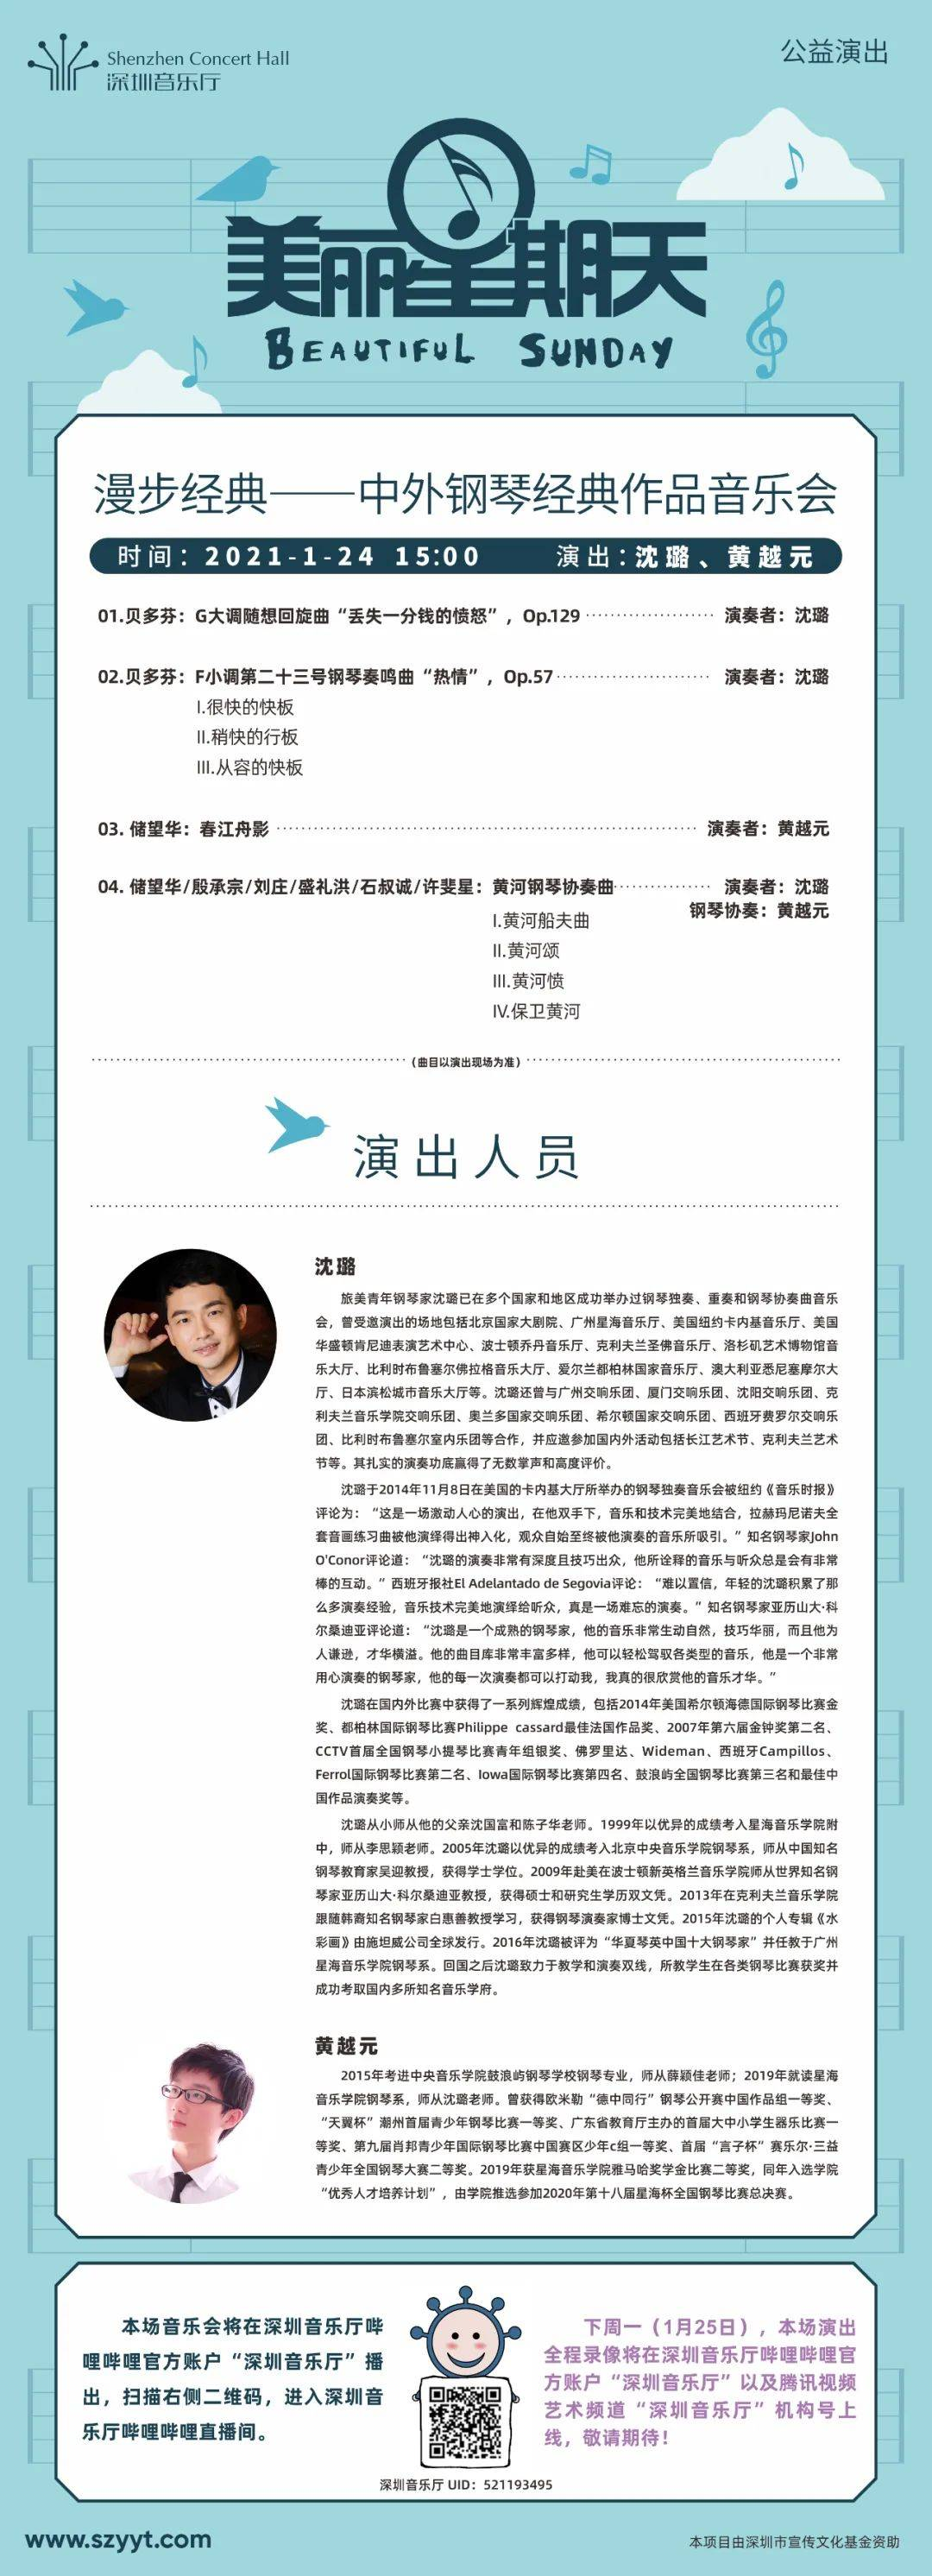 """线上演出预告:2021年1月24日15:00""""美丽星期天"""":漫步经典——中外钢琴经典作品音乐会"""